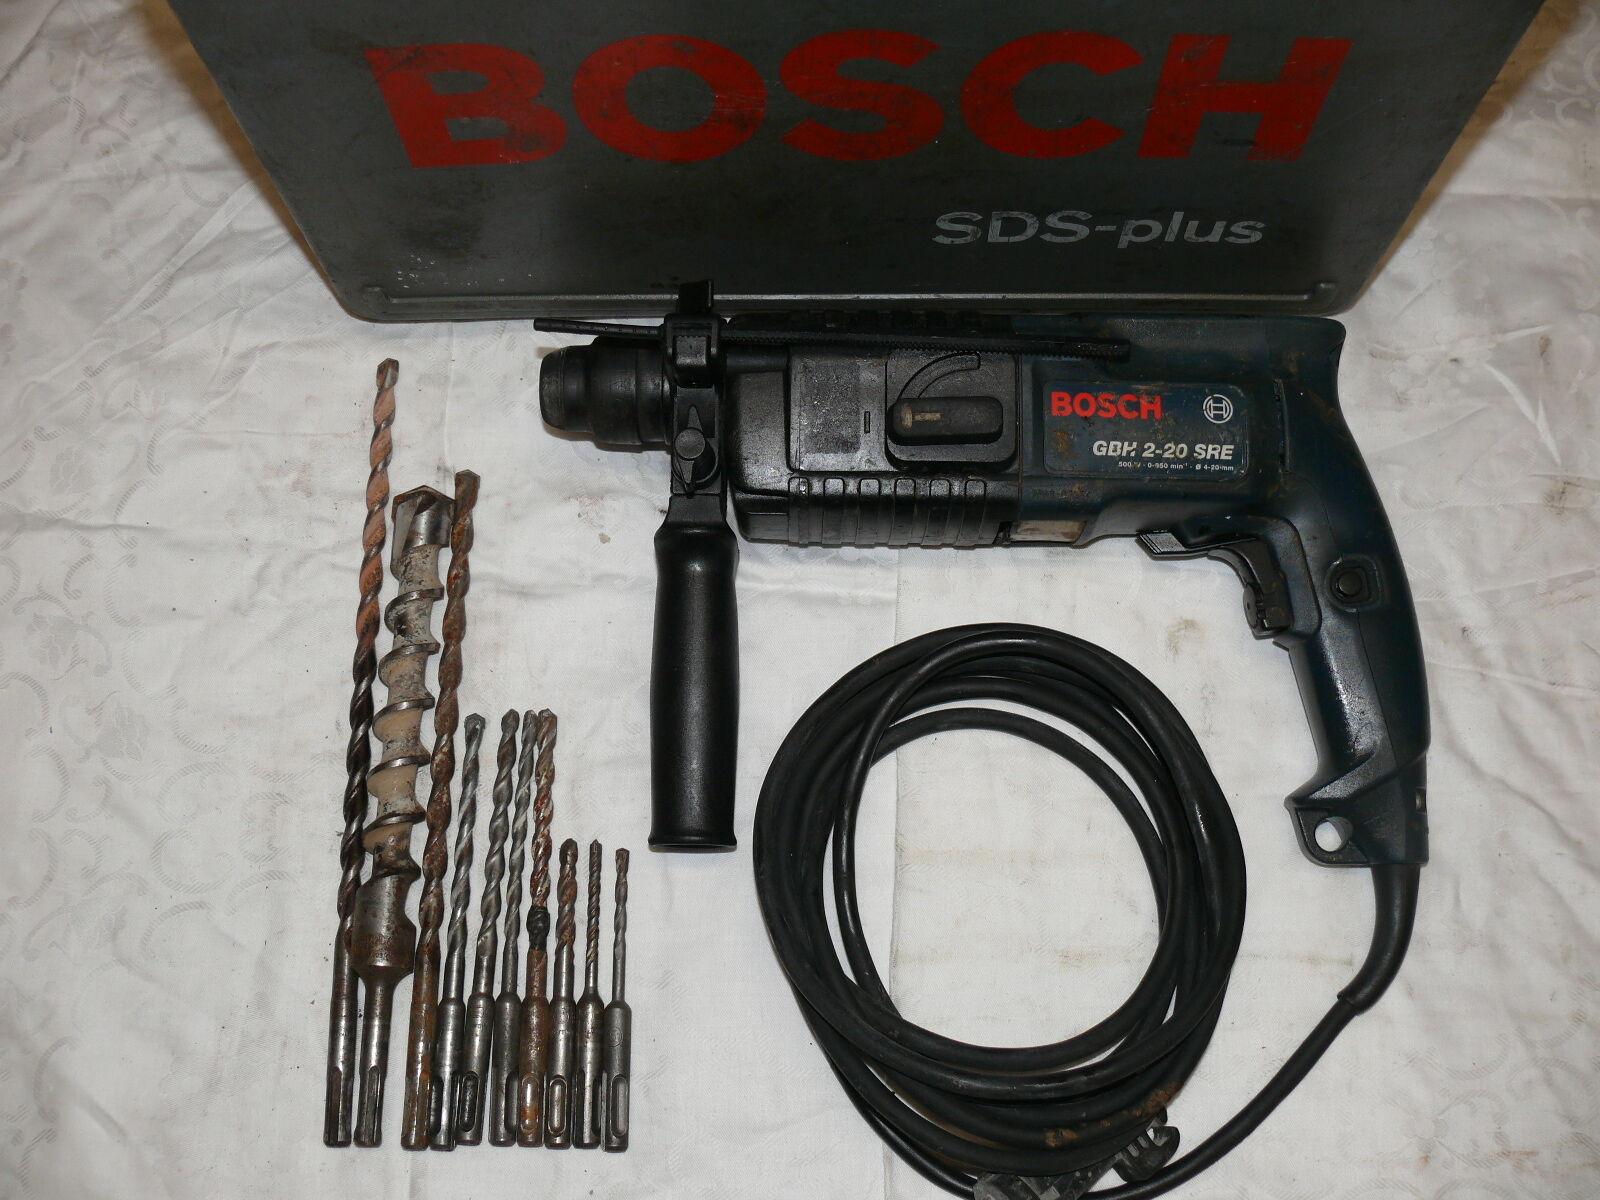 Bosch GBH 2-20 SRE BOHRHAMMER SDS-PLUS WIE UBH 2 20 RLE